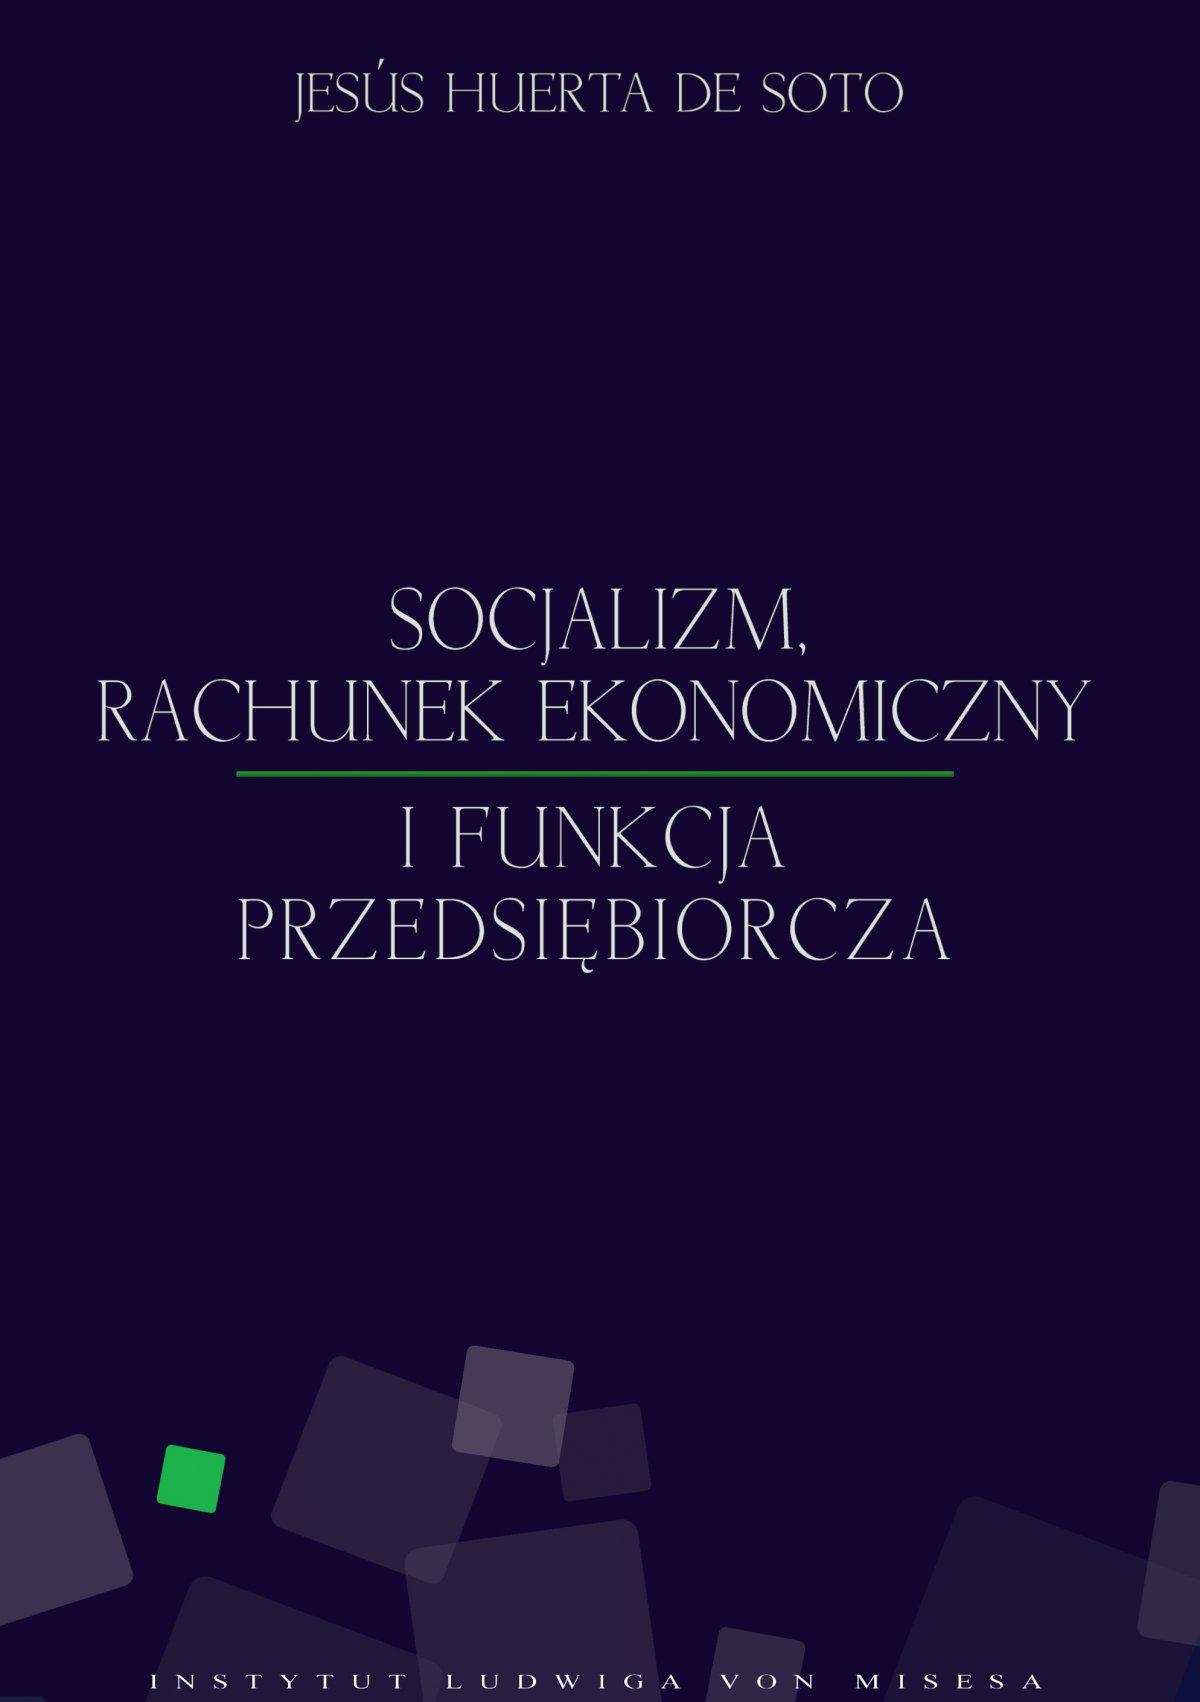 Socjalizm, rachunek ekonomiczny i funkcja przedsiębiorcza - Ebook (Książka PDF) do pobrania w formacie PDF